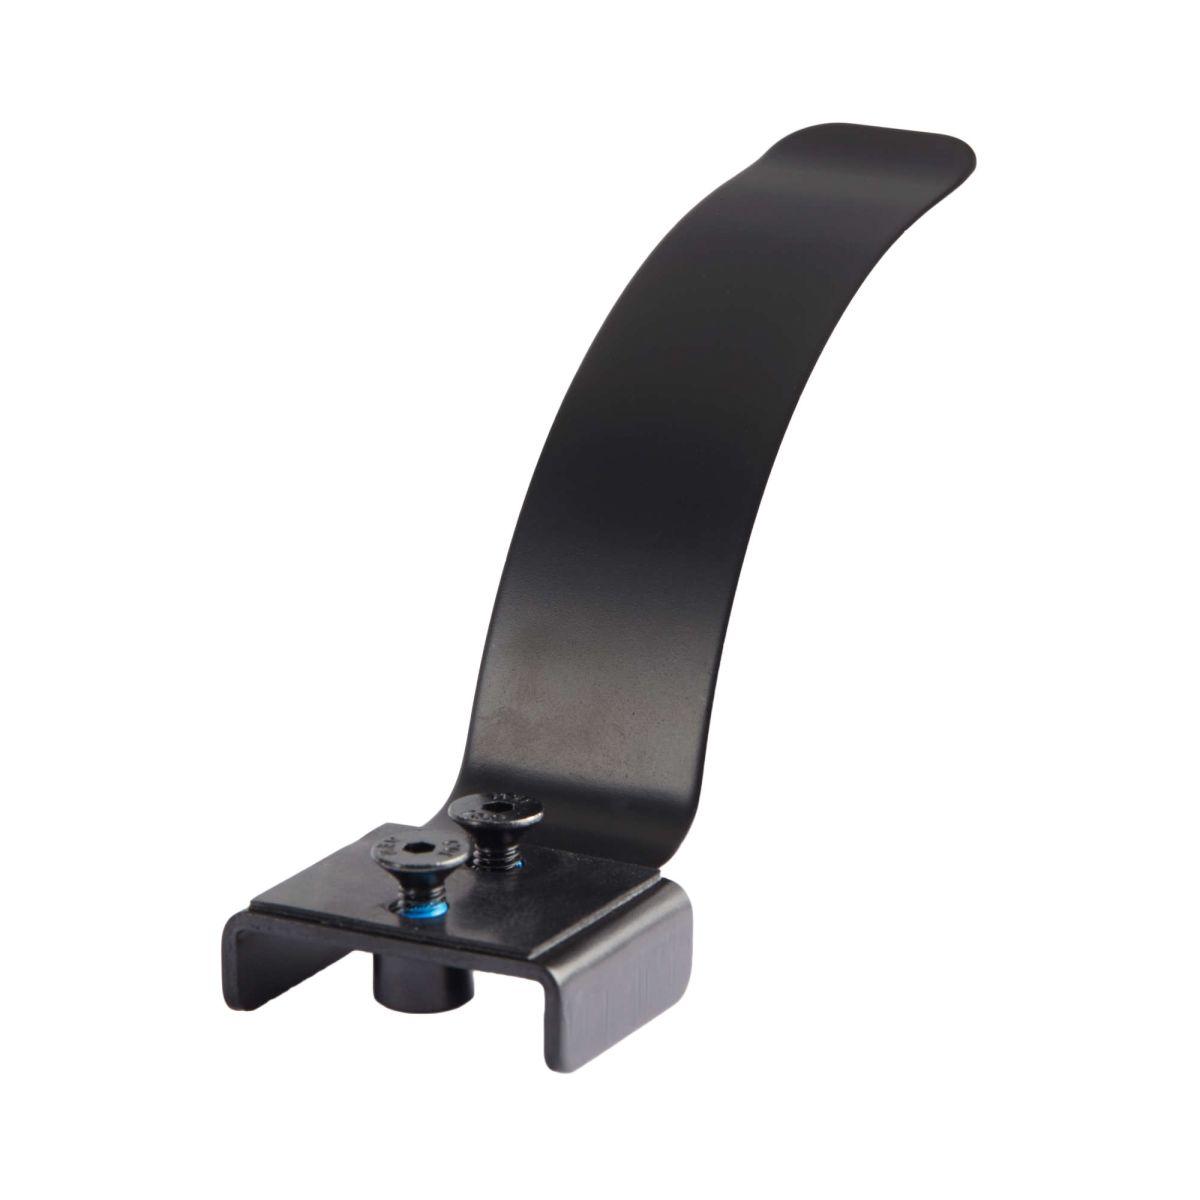 Chilli Flex brzda 120 mm černá